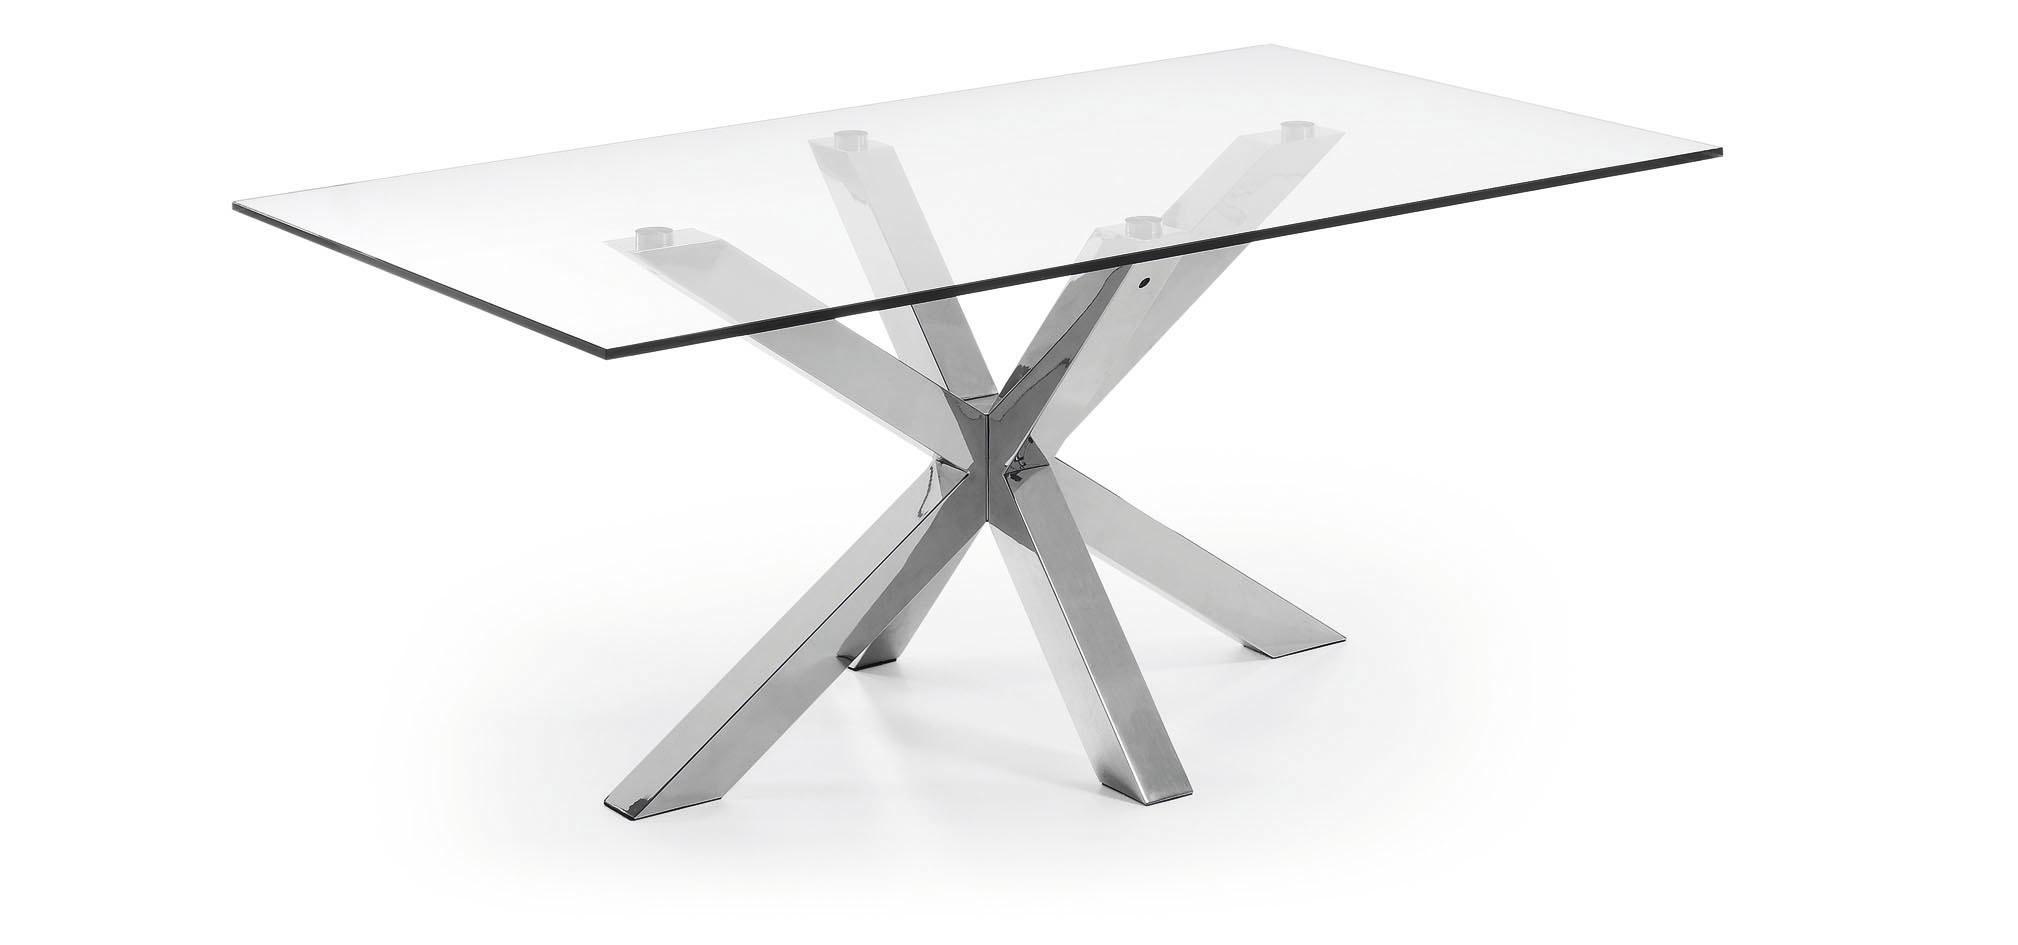 Cómo encontrar la mesa comedor perfecta? | Muebles Gascón, el blog